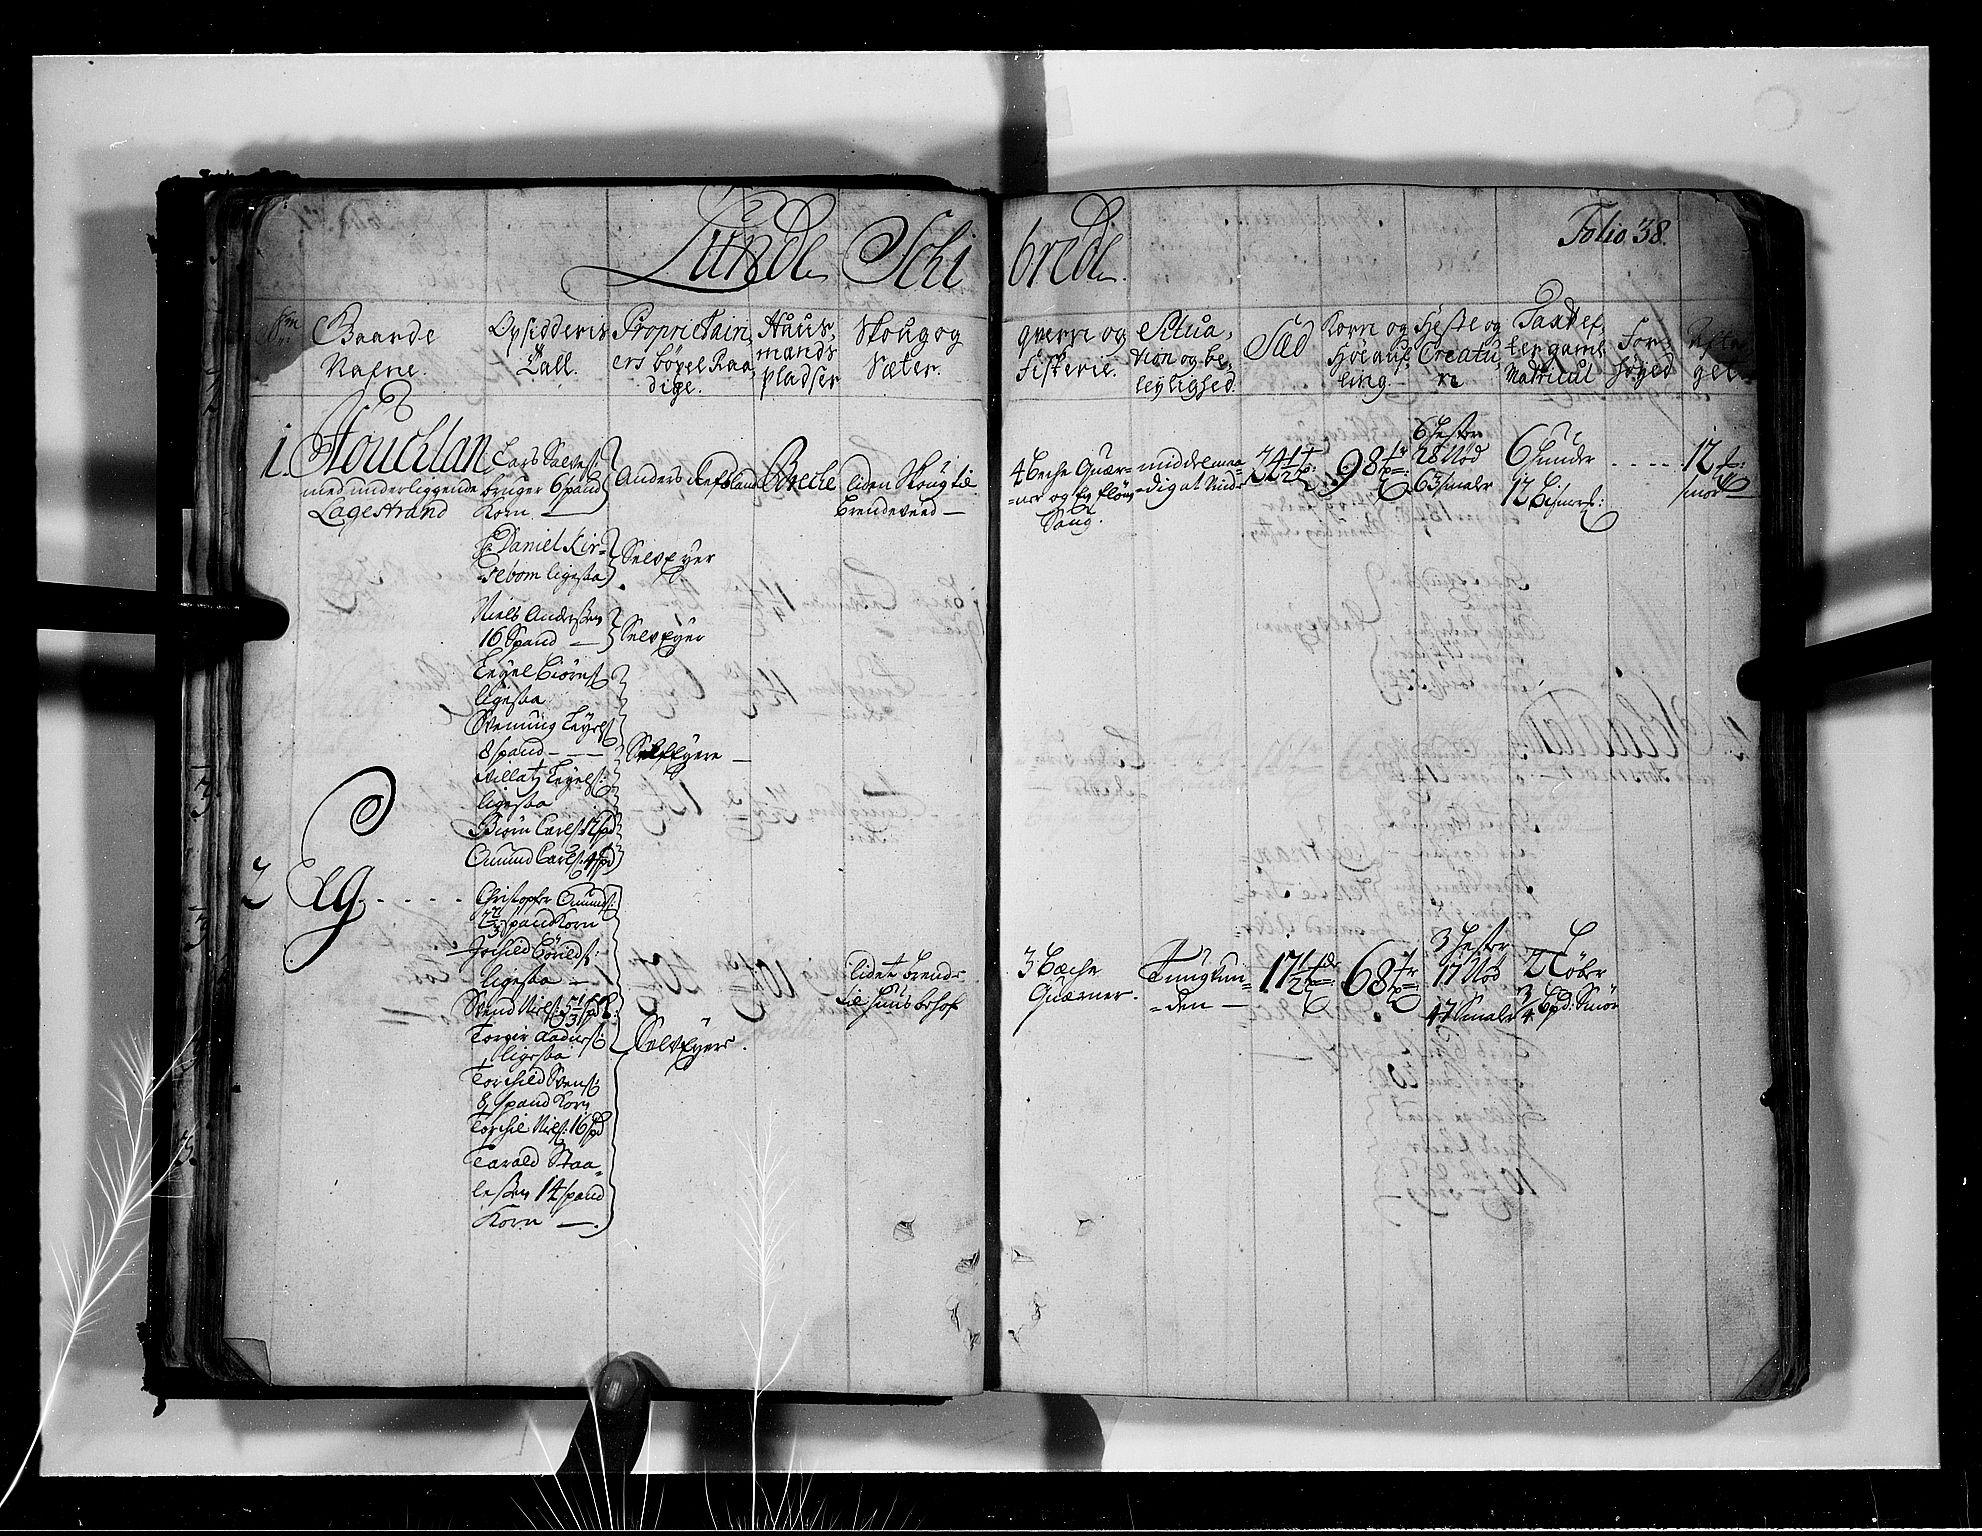 RA, Rentekammeret inntil 1814, Realistisk ordnet avdeling, N/Nb/Nbf/L0131: Jæren og Dalane eksaminasjonsprotokoll, 1723, s. 37b-38a